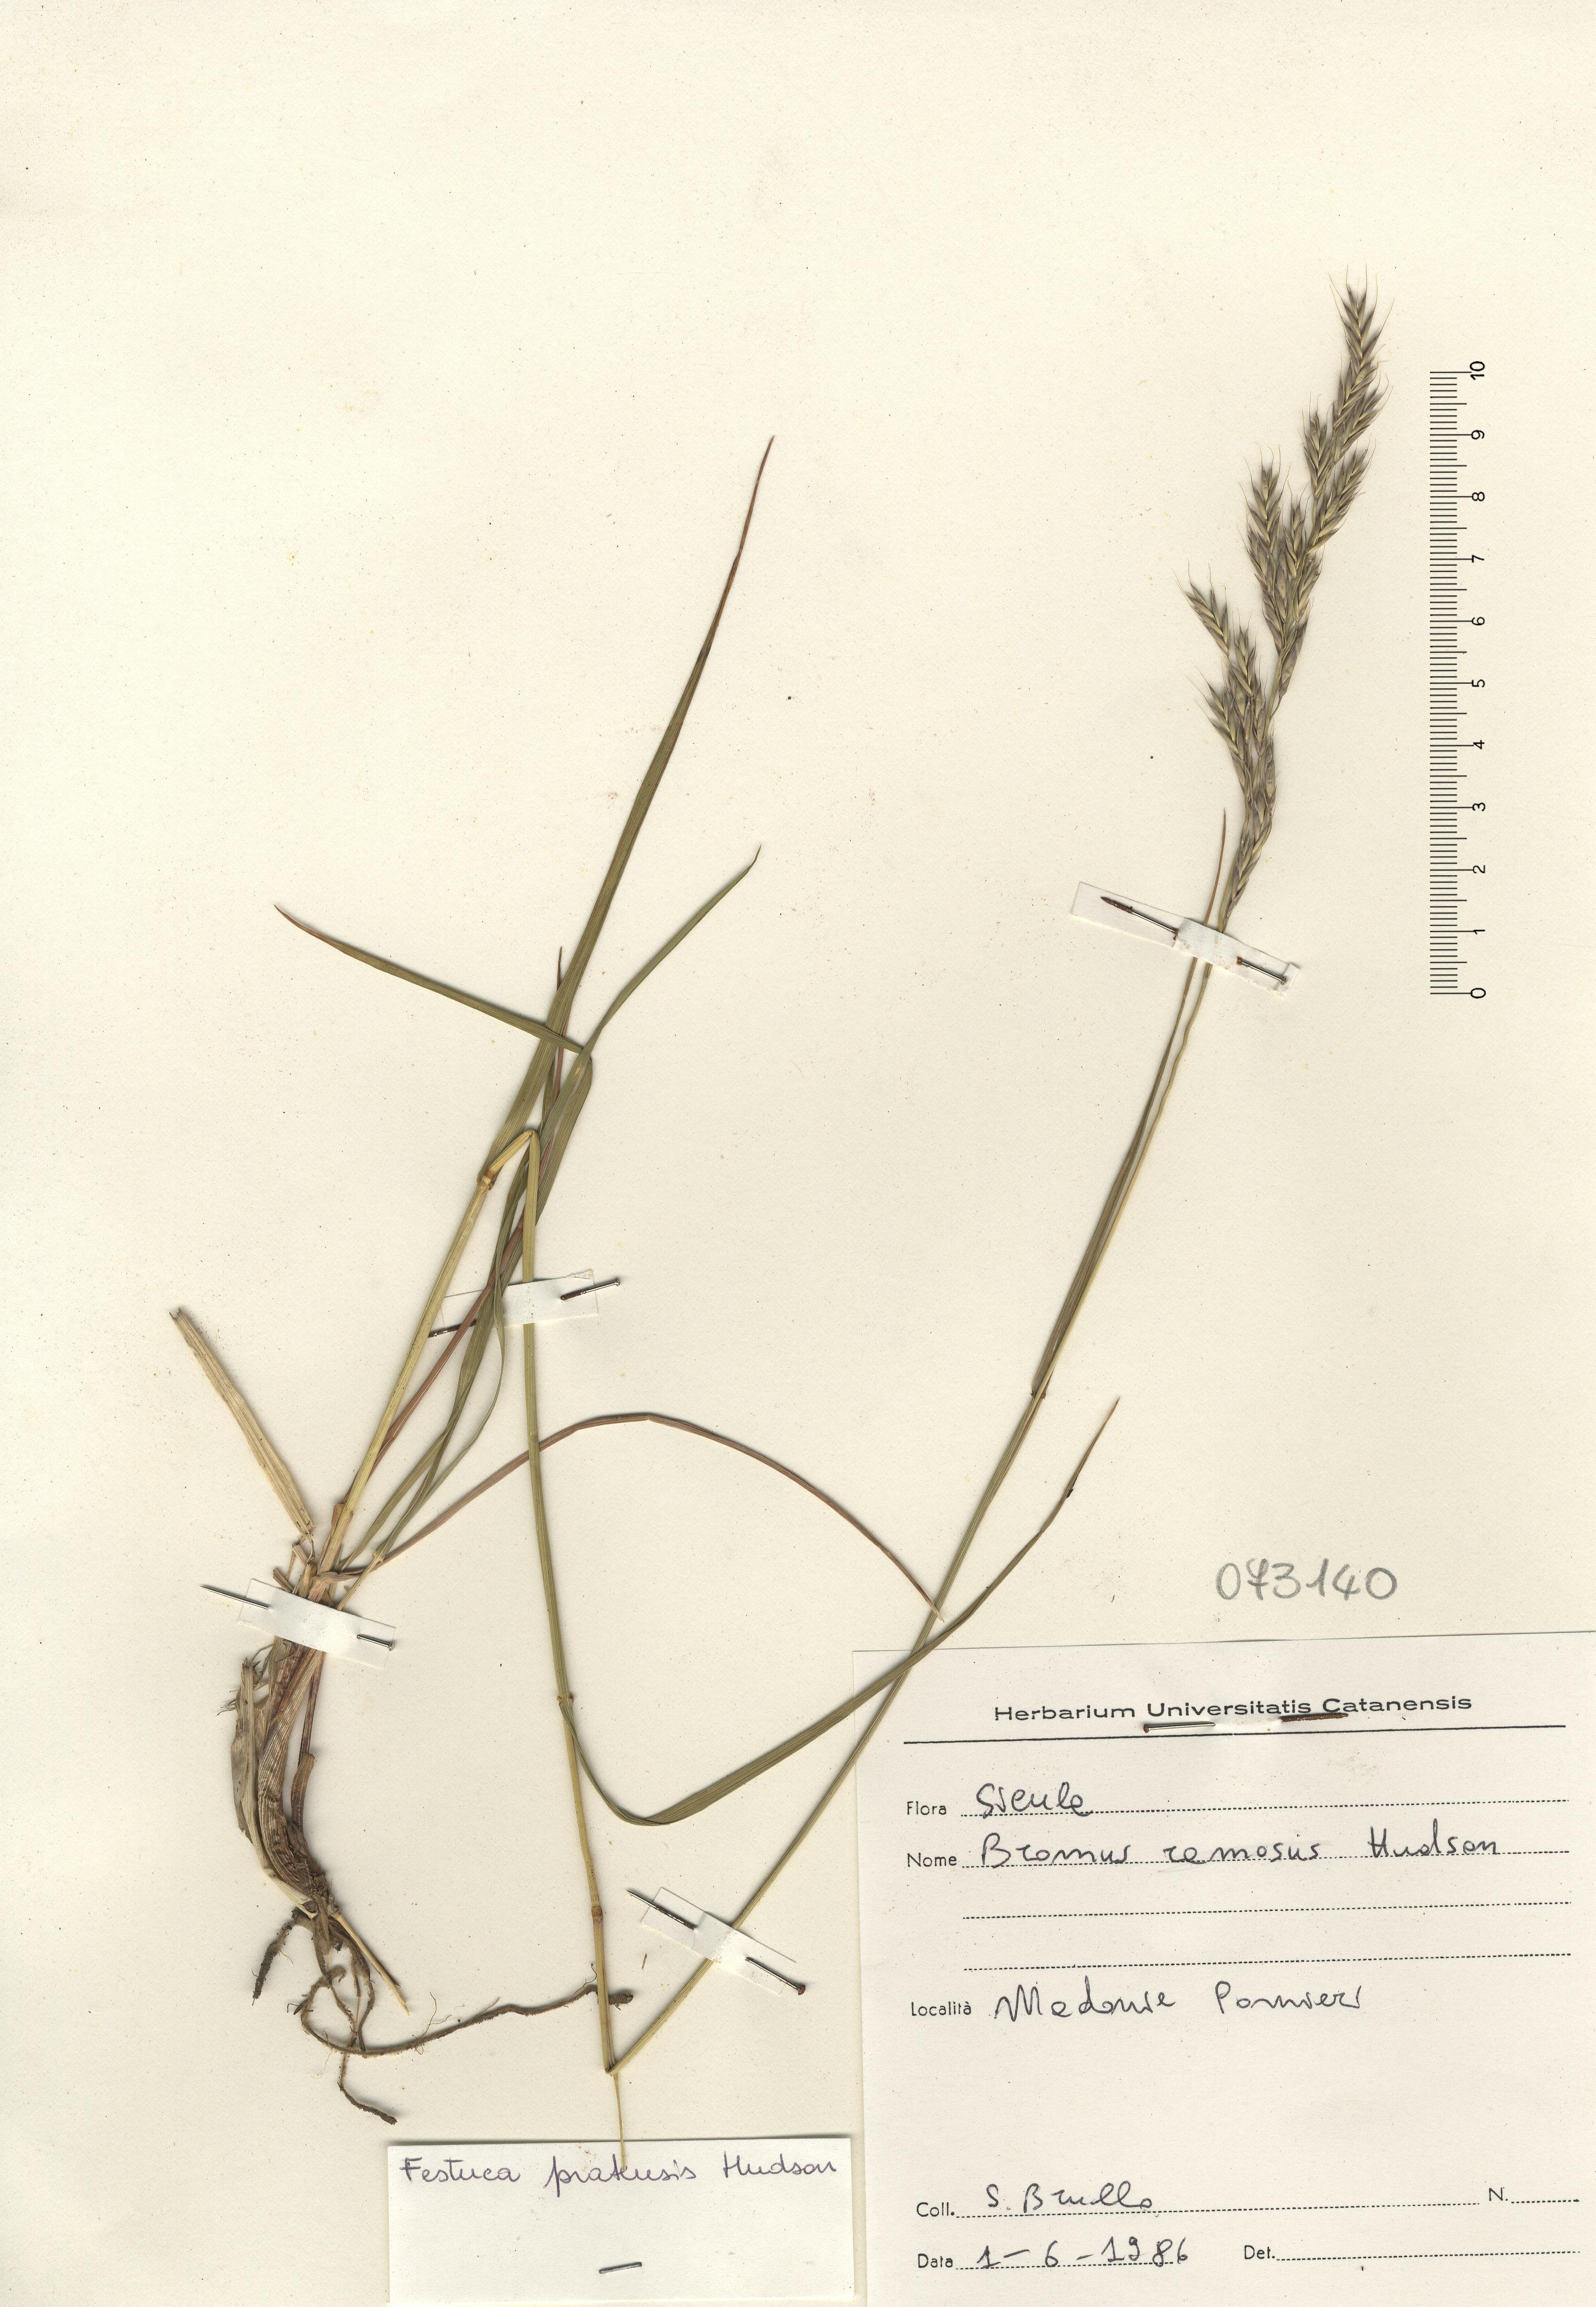 &copy; Hortus Botanicus Catinensis - Herb. sheet  073140<br>